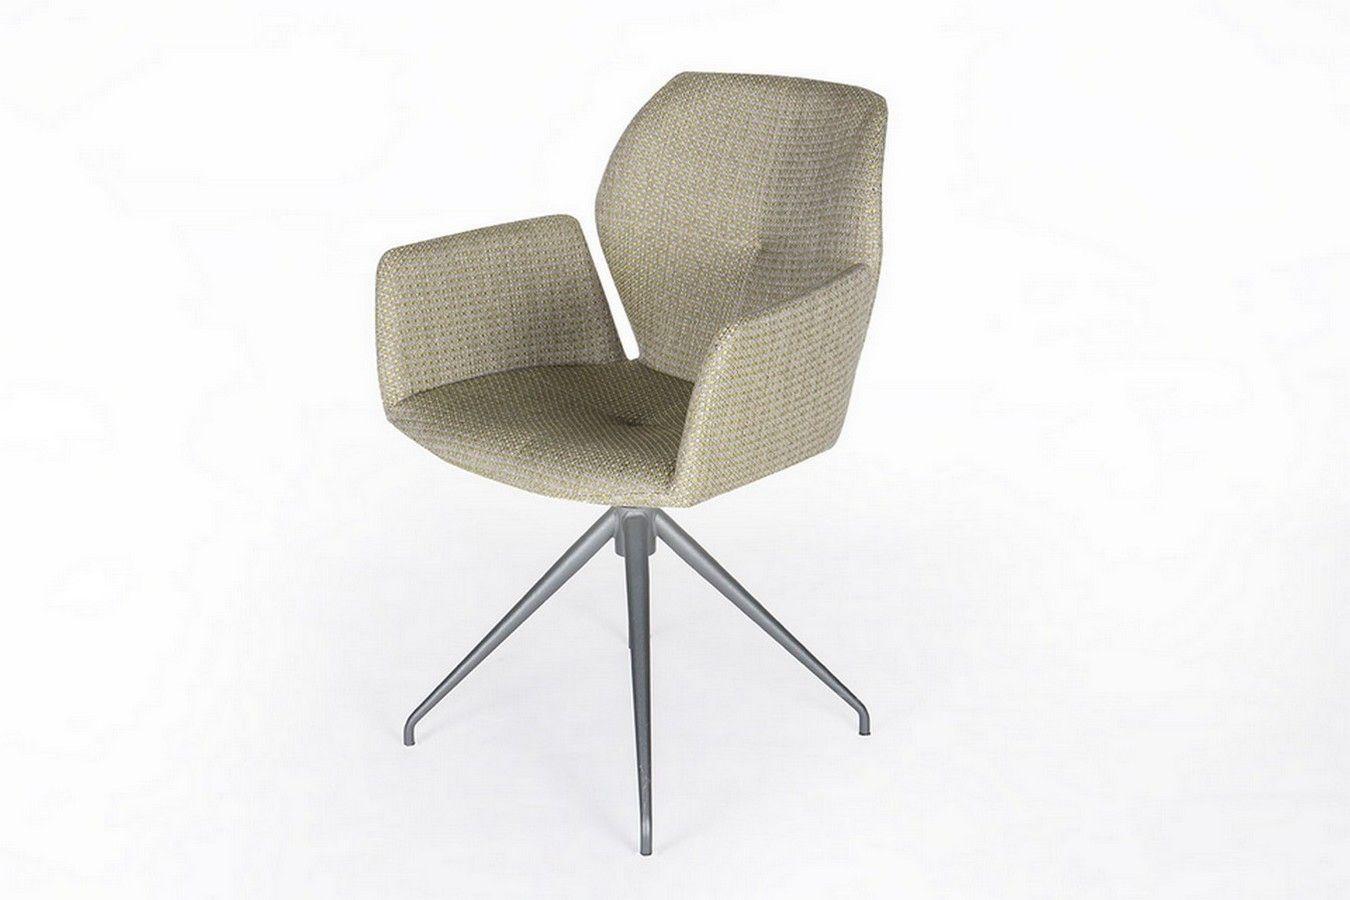 Besucherstuhl Freischwinger Konferenzstuhl Schwingstuhl Stoff Montreal Design